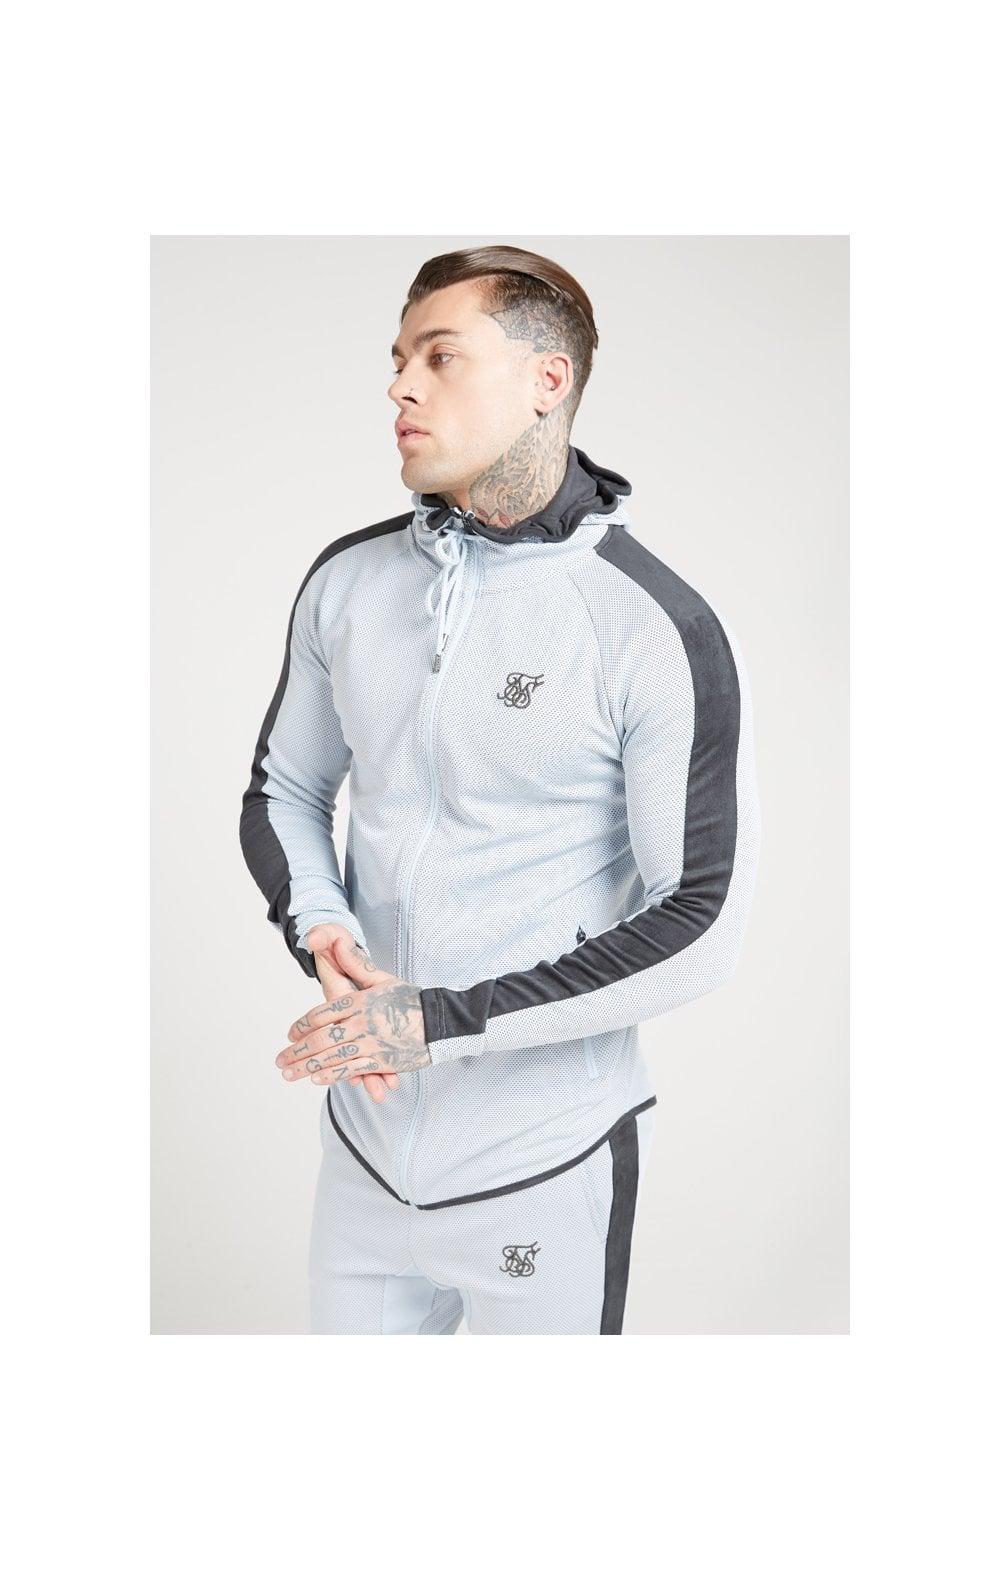 SikSilk Athlete Eyelet Zip Through Hoodie  Ice Grey & Charcoal MEN